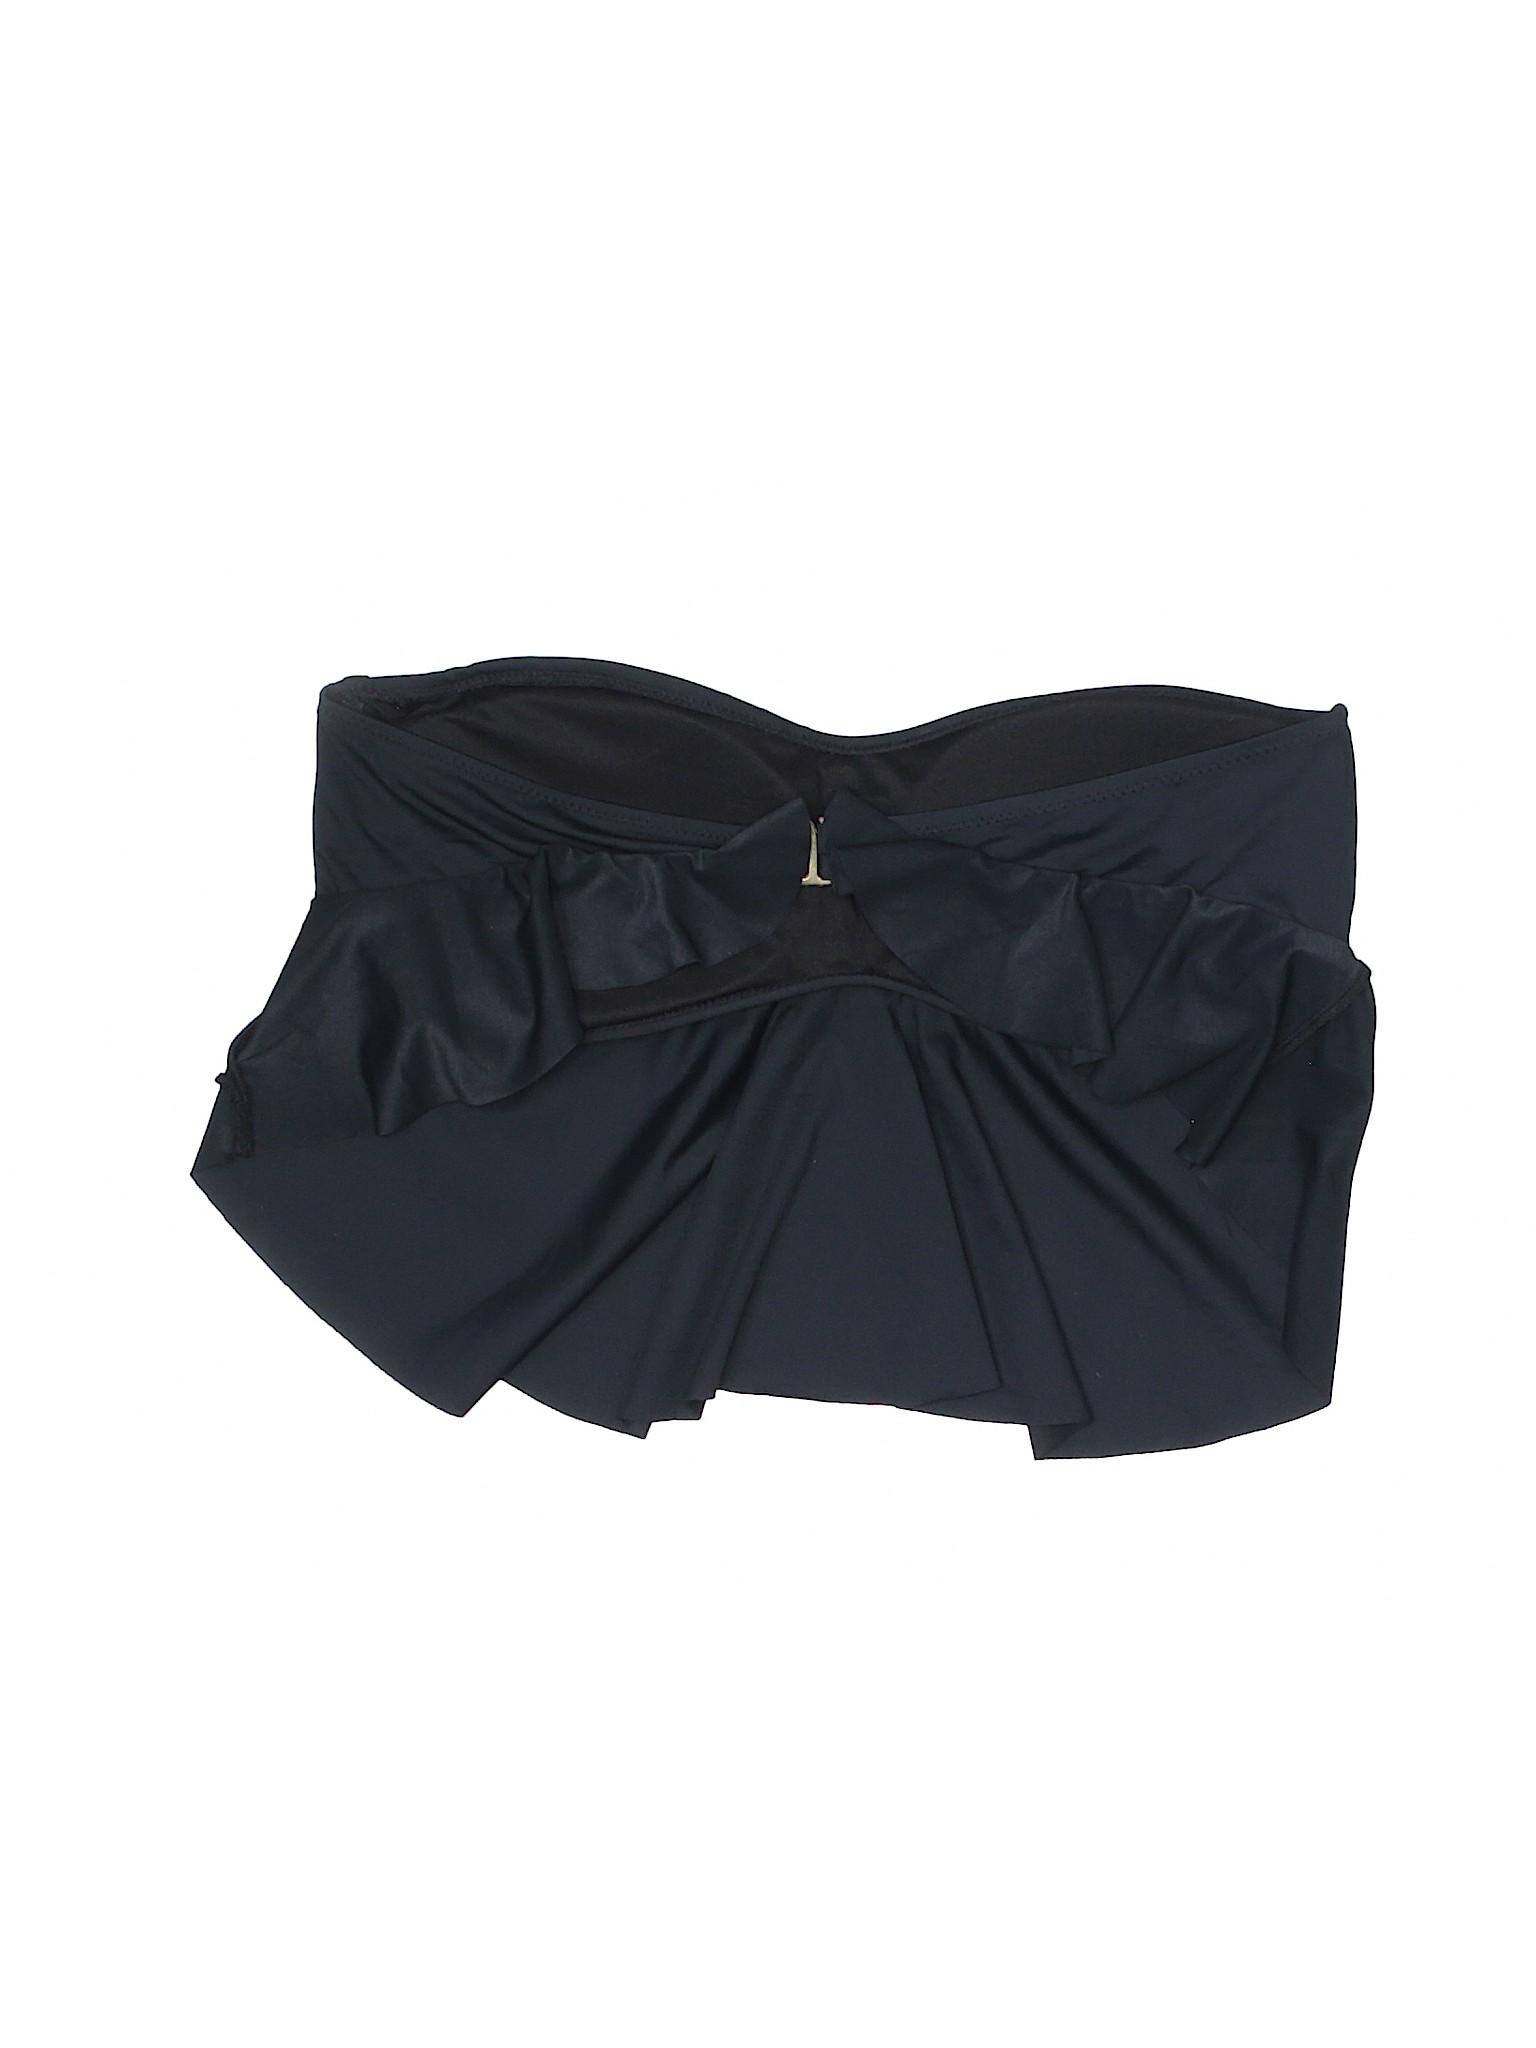 Swimsuit 21 Boutique Forever Boutique Forever Top q6waz67IxU